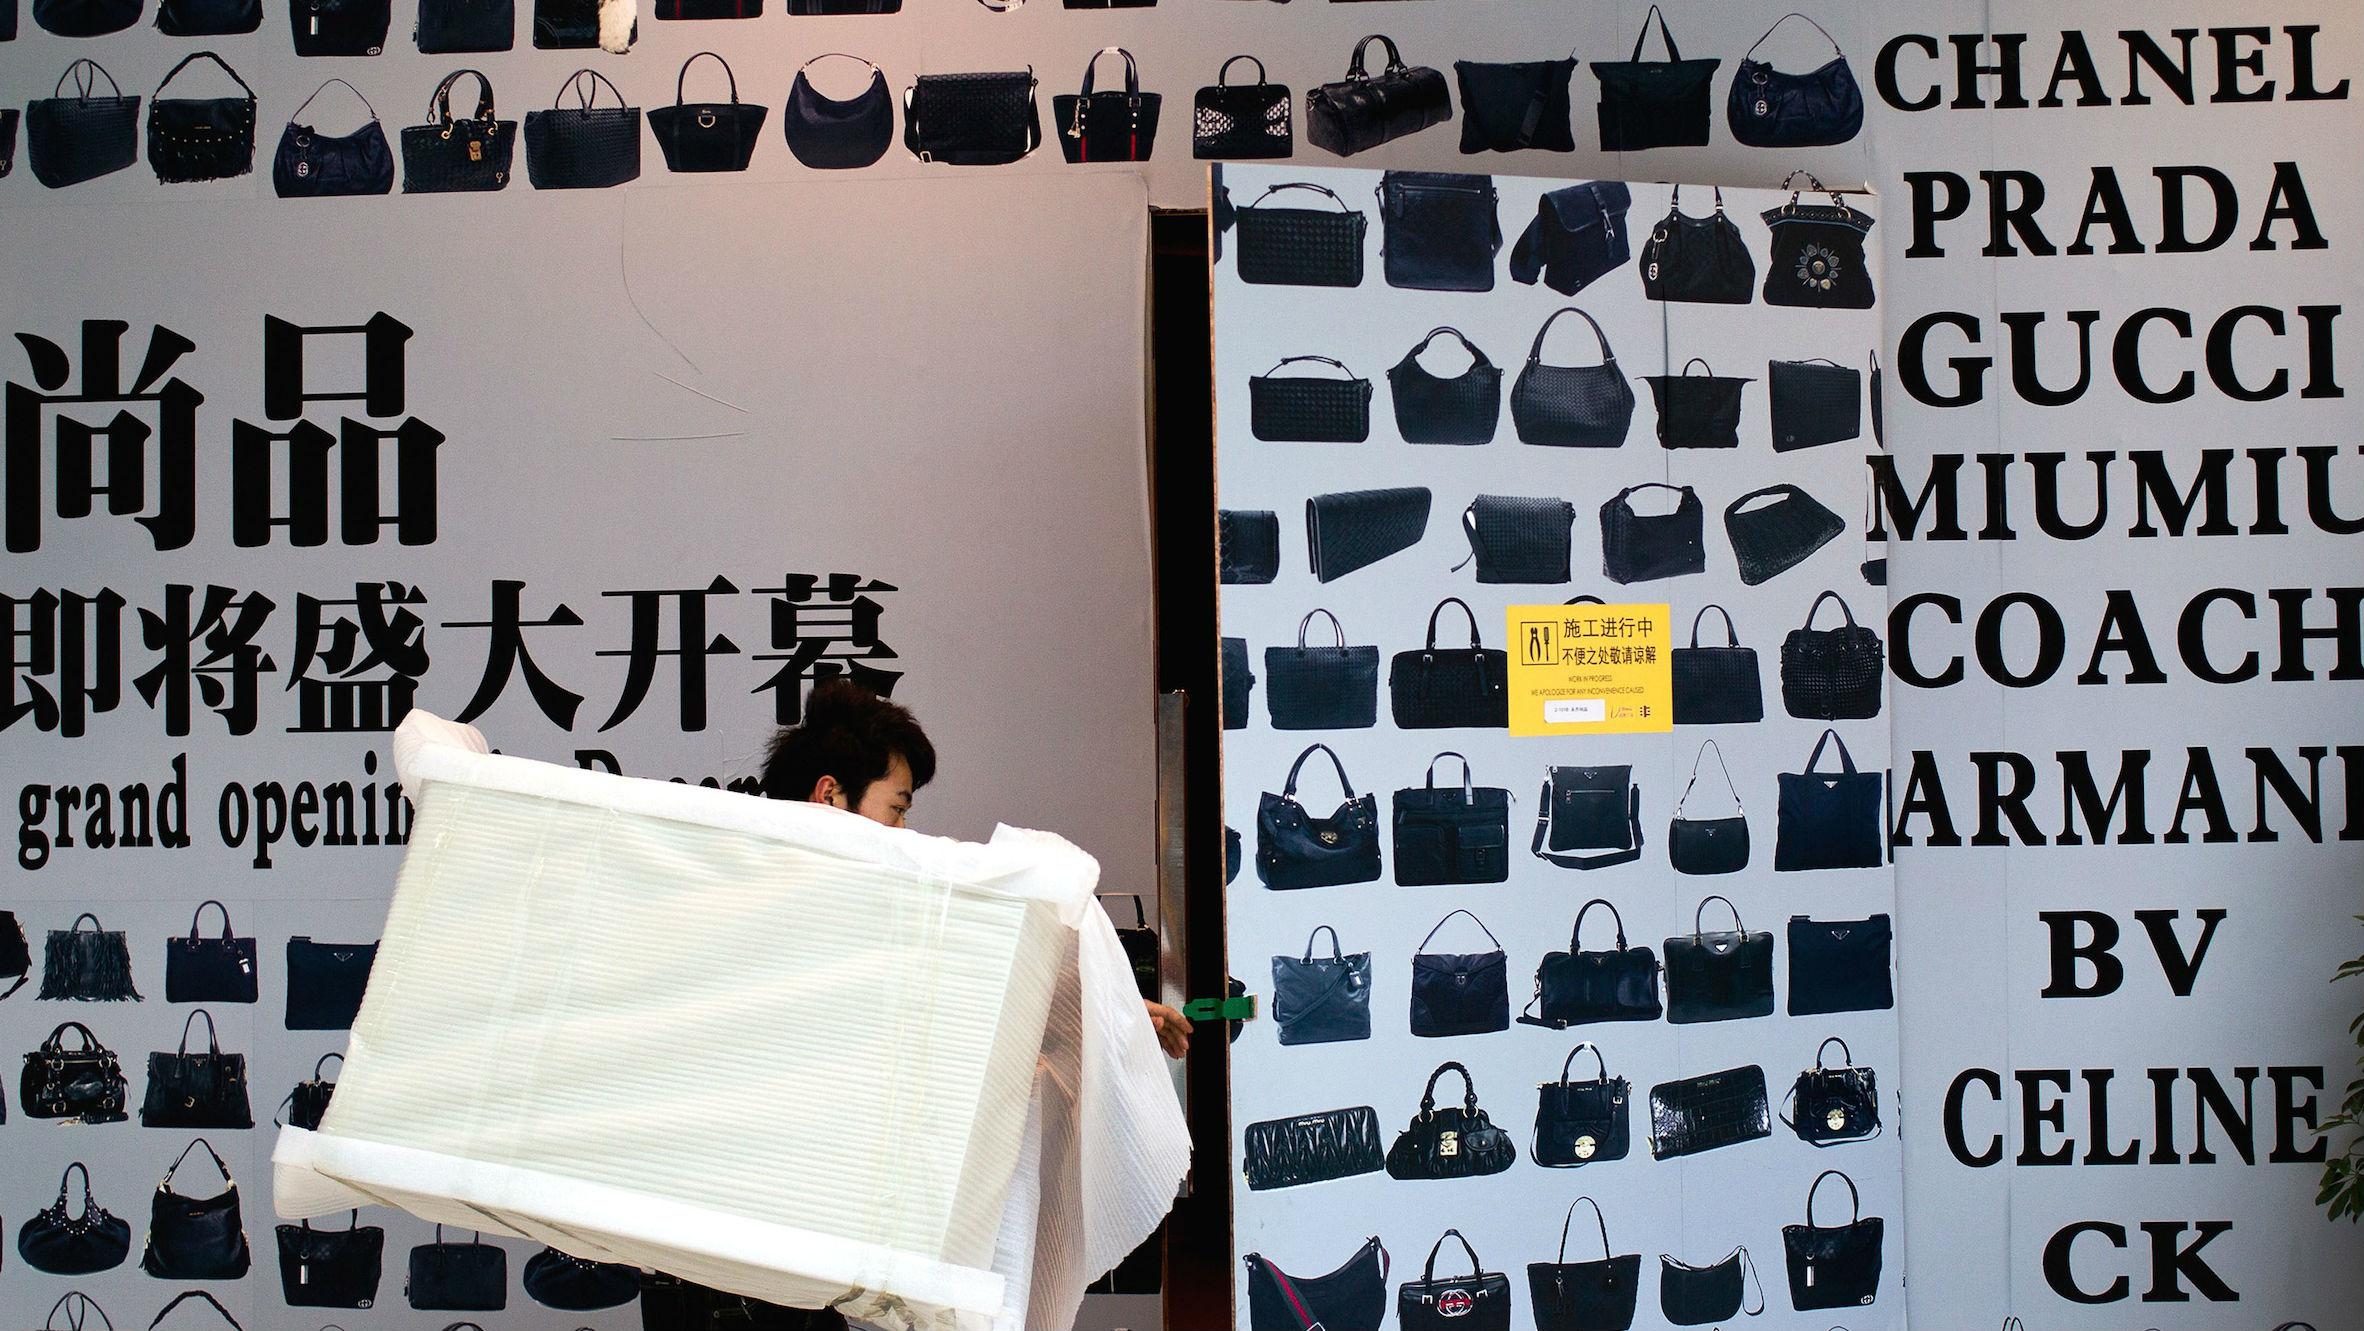 Chinese luxury goods store